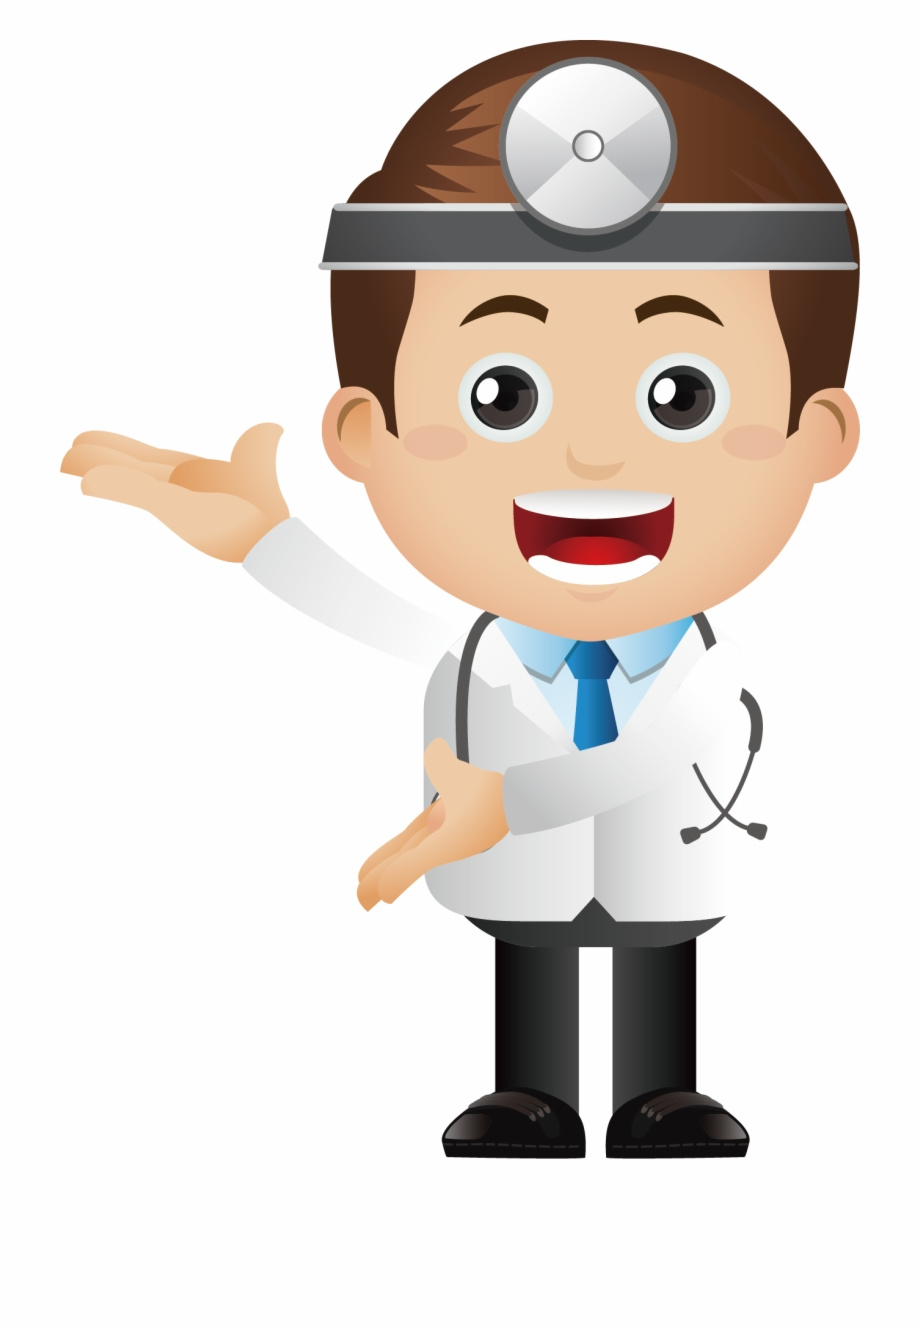 Cartoon Doctor.